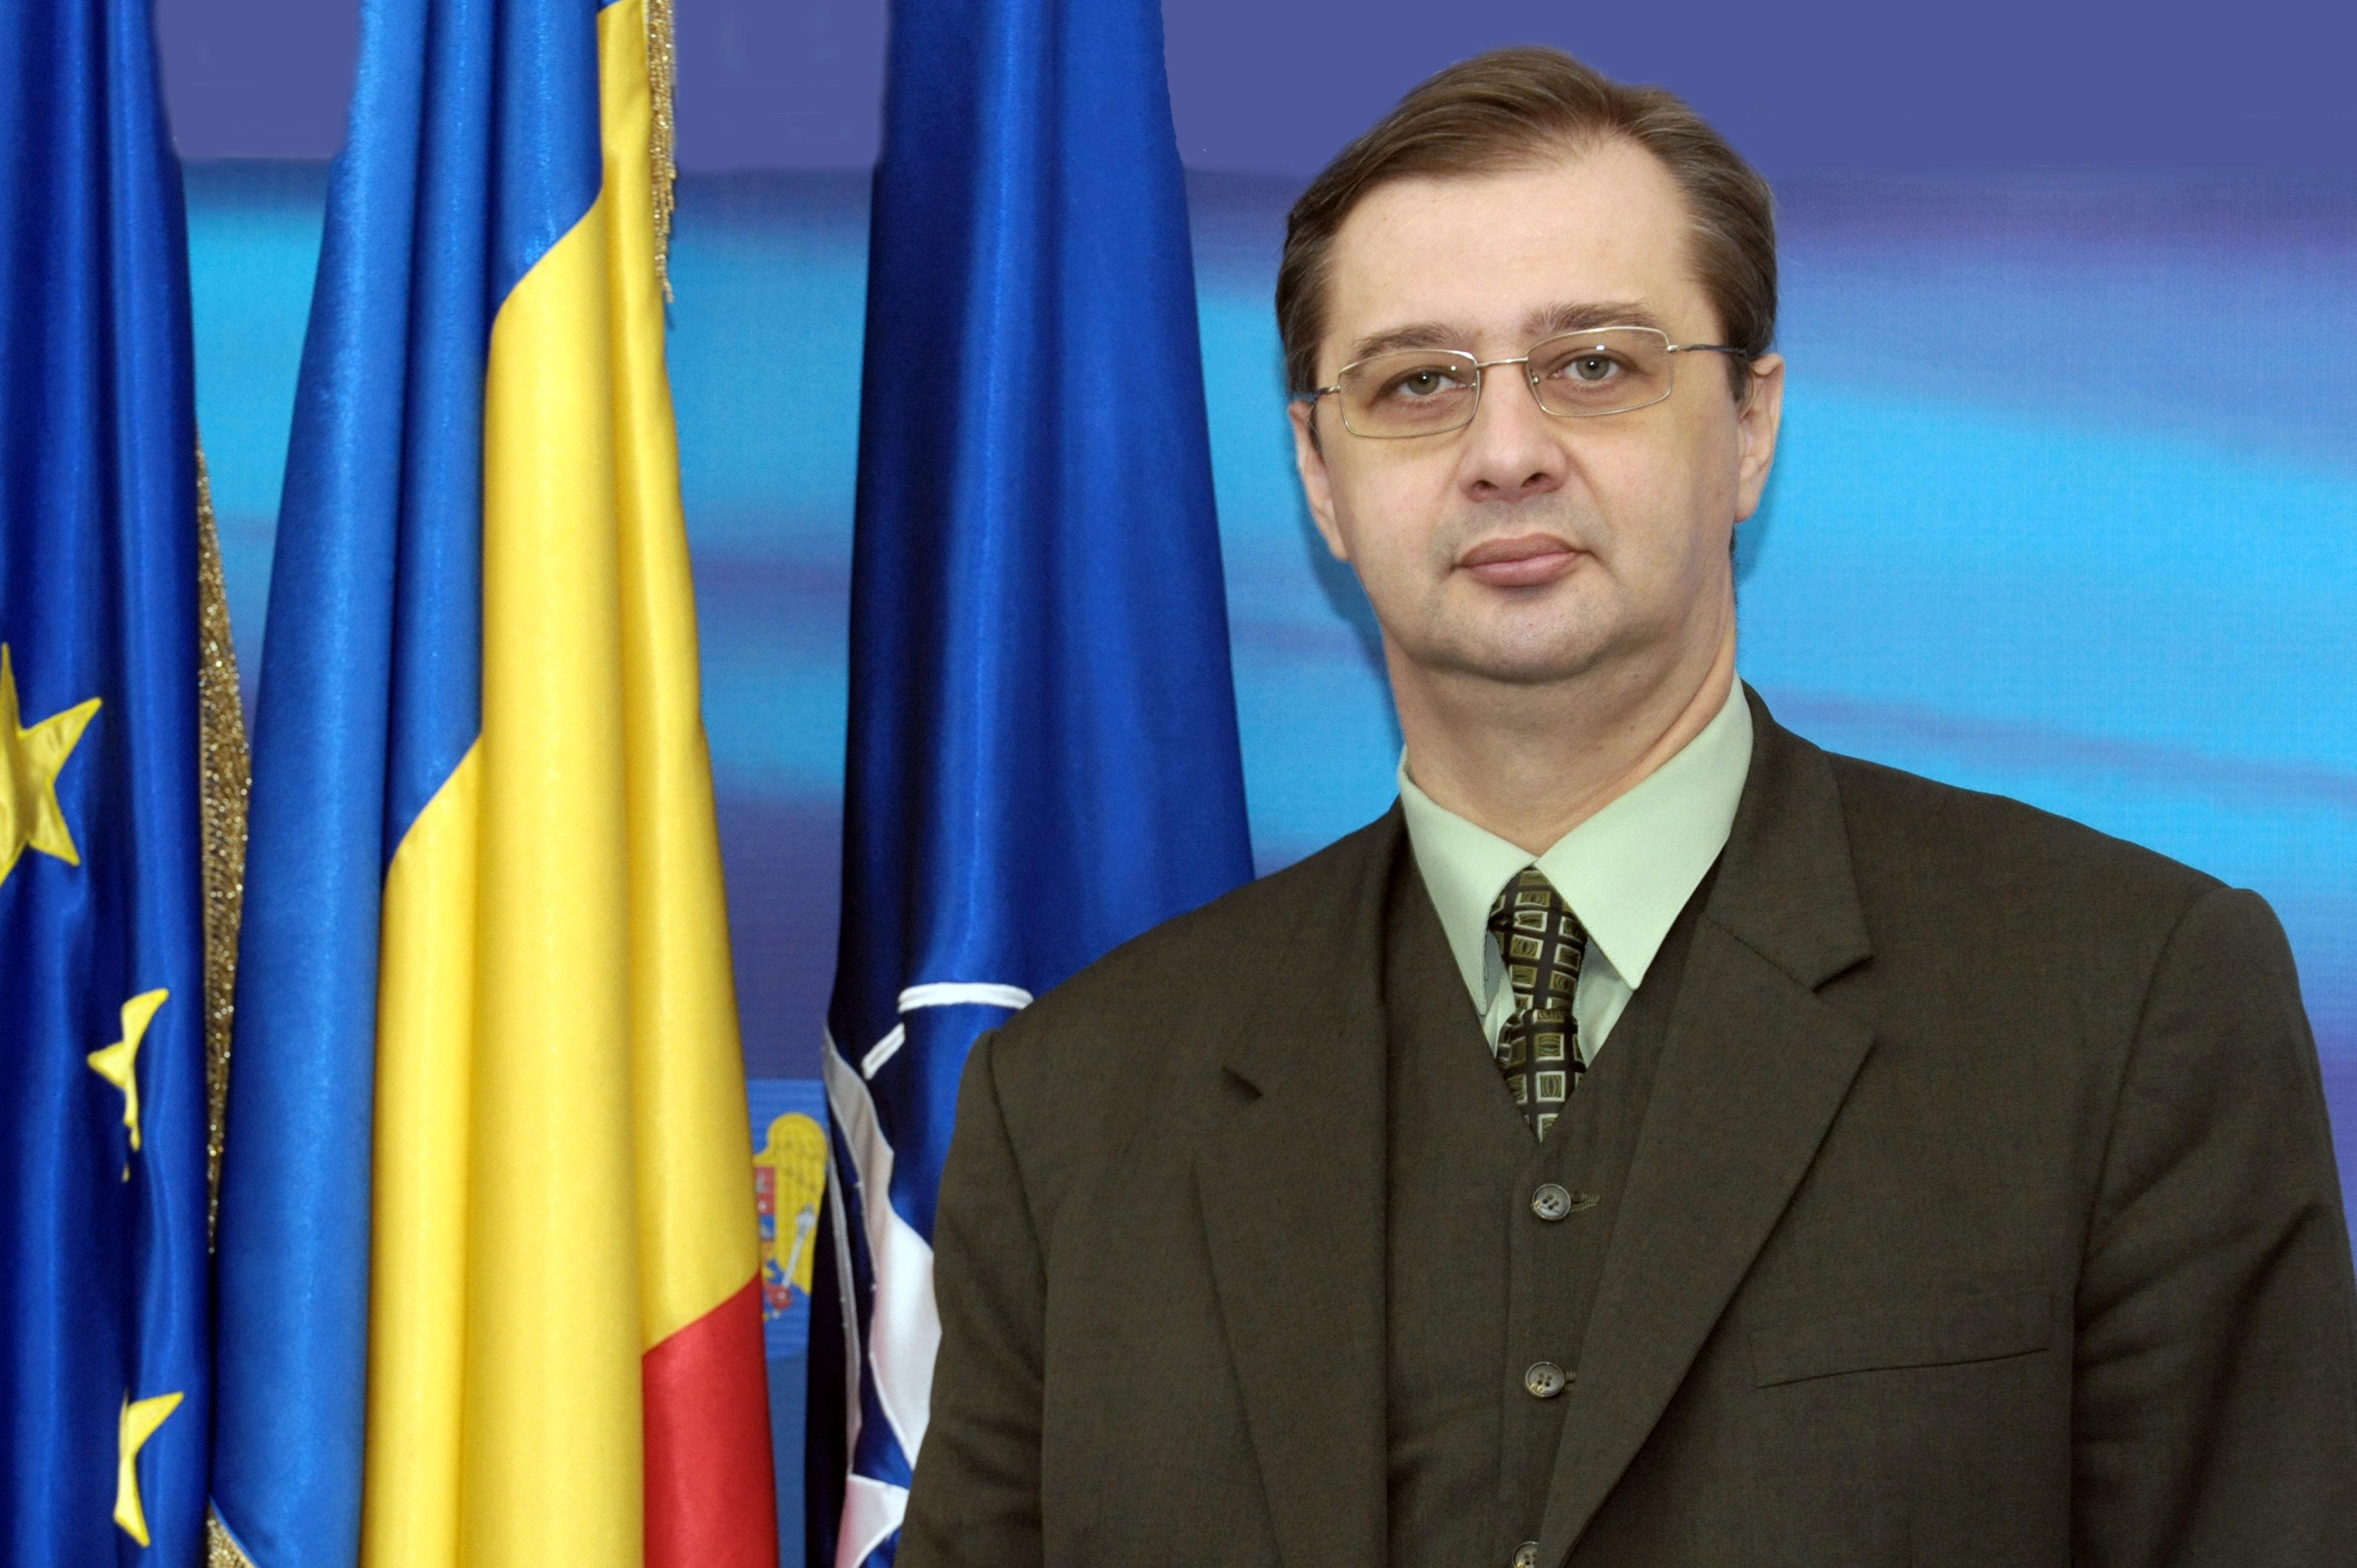 Fostul consilier al lui Băsescu critică discuțiile ACUM-PSRM, pro-europenii vând țara rușilor, opinia lui iulian chifu, dodon maia sandu andrei nastase, blocul platforma da pas parlament moldova,